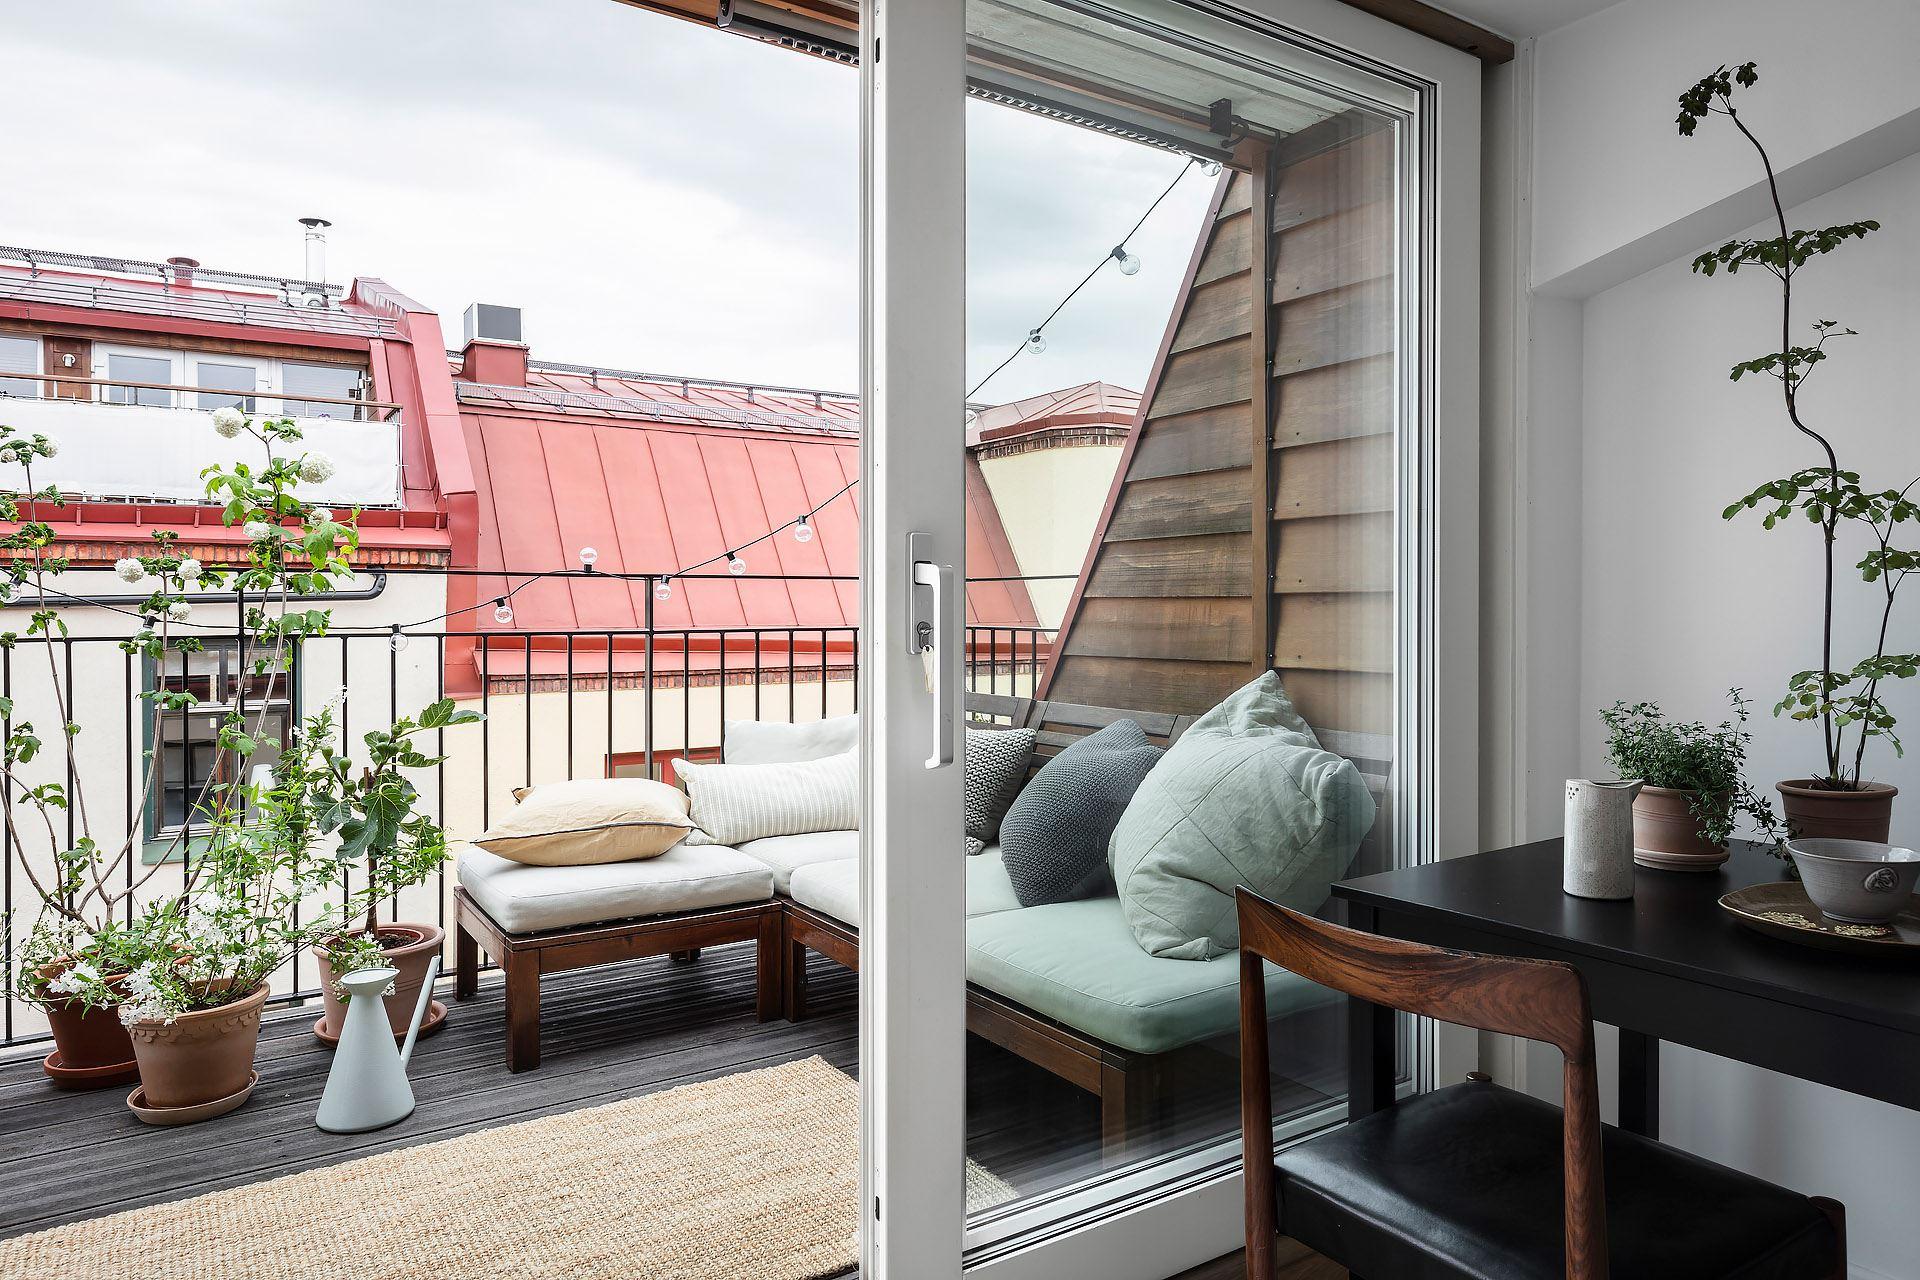 balcon la mansarda